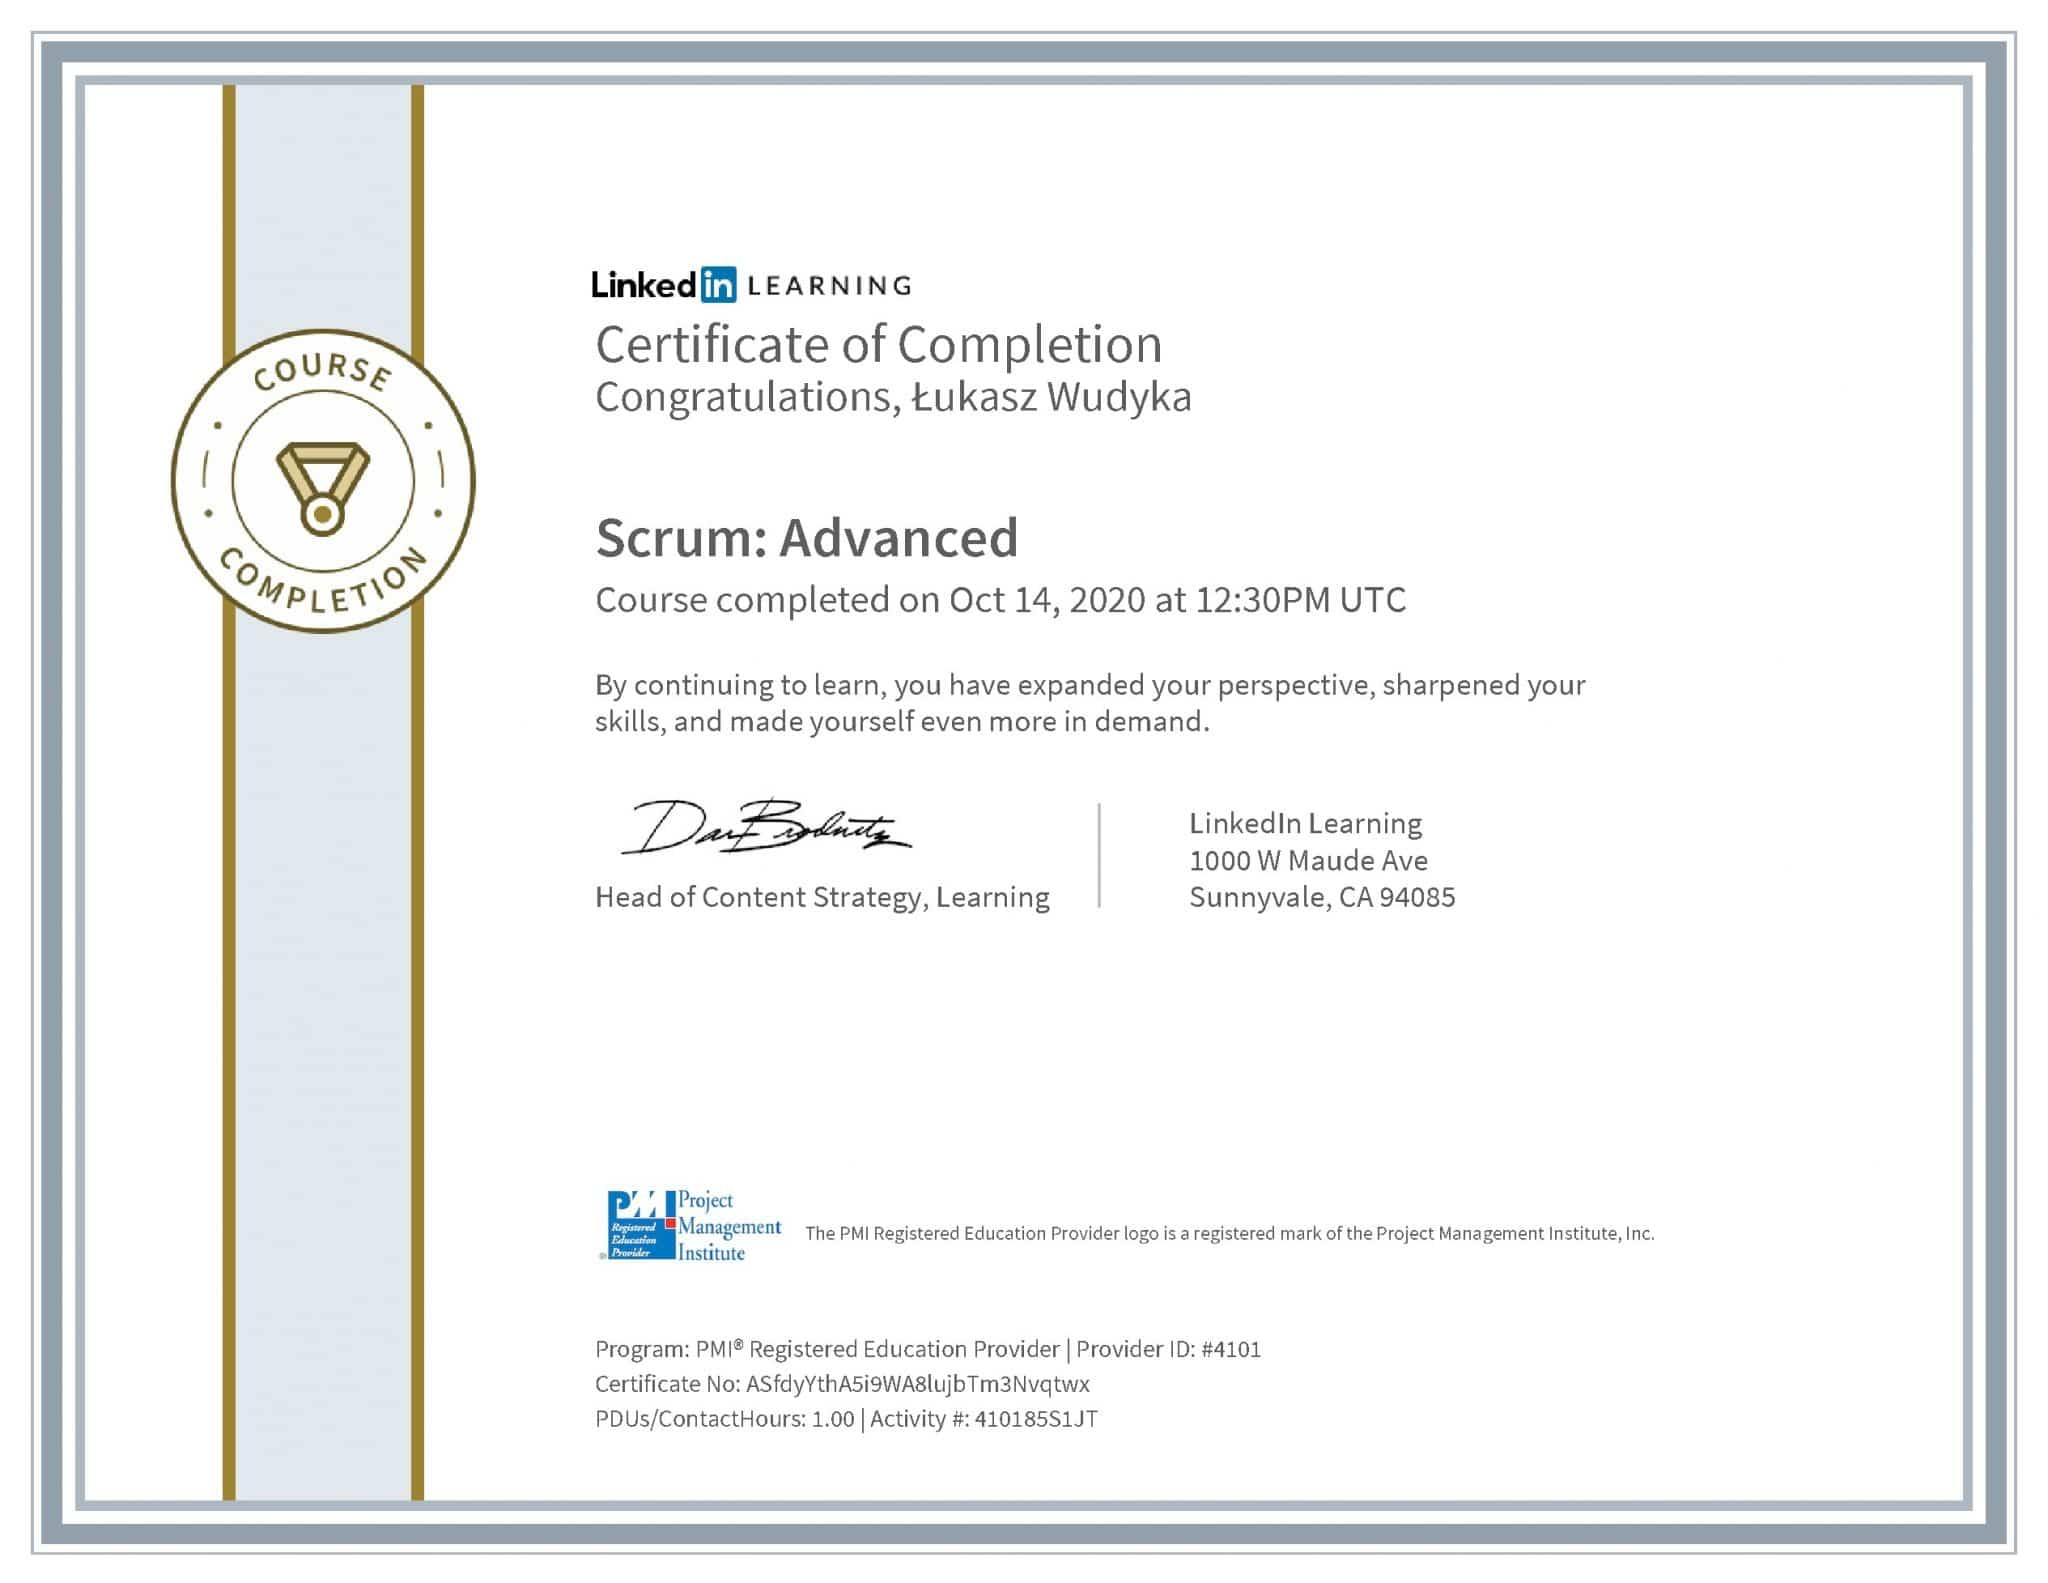 Łukasz Wudyka certyfikat LinkedIn Scrum: Advanced PMI